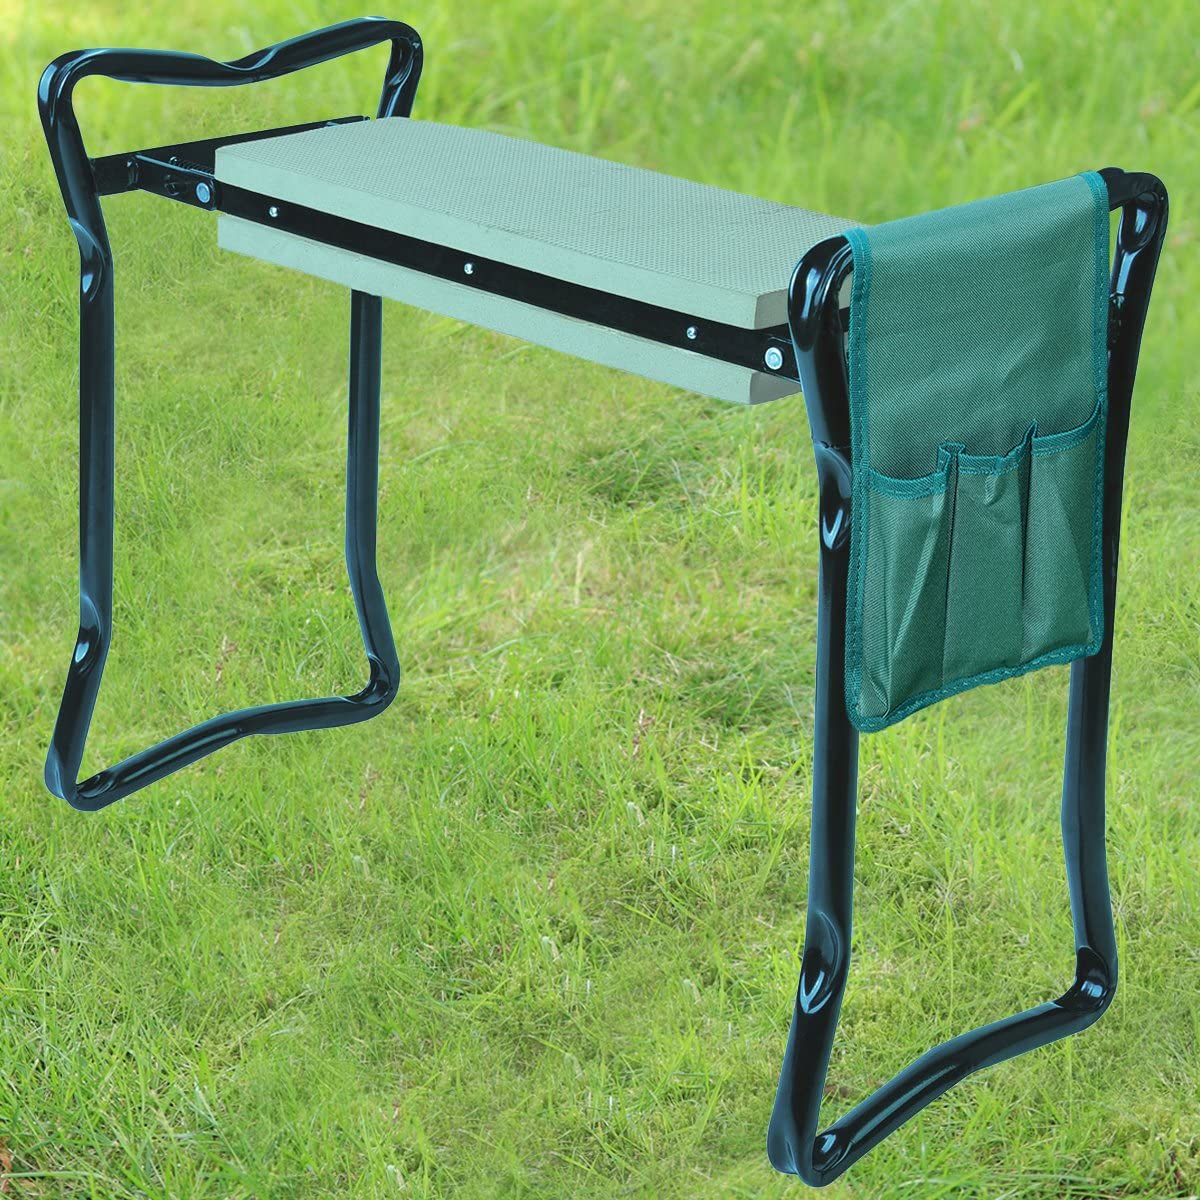 Versatile 2-in-1 Garden Kneeler With Handles Gardening Foldable